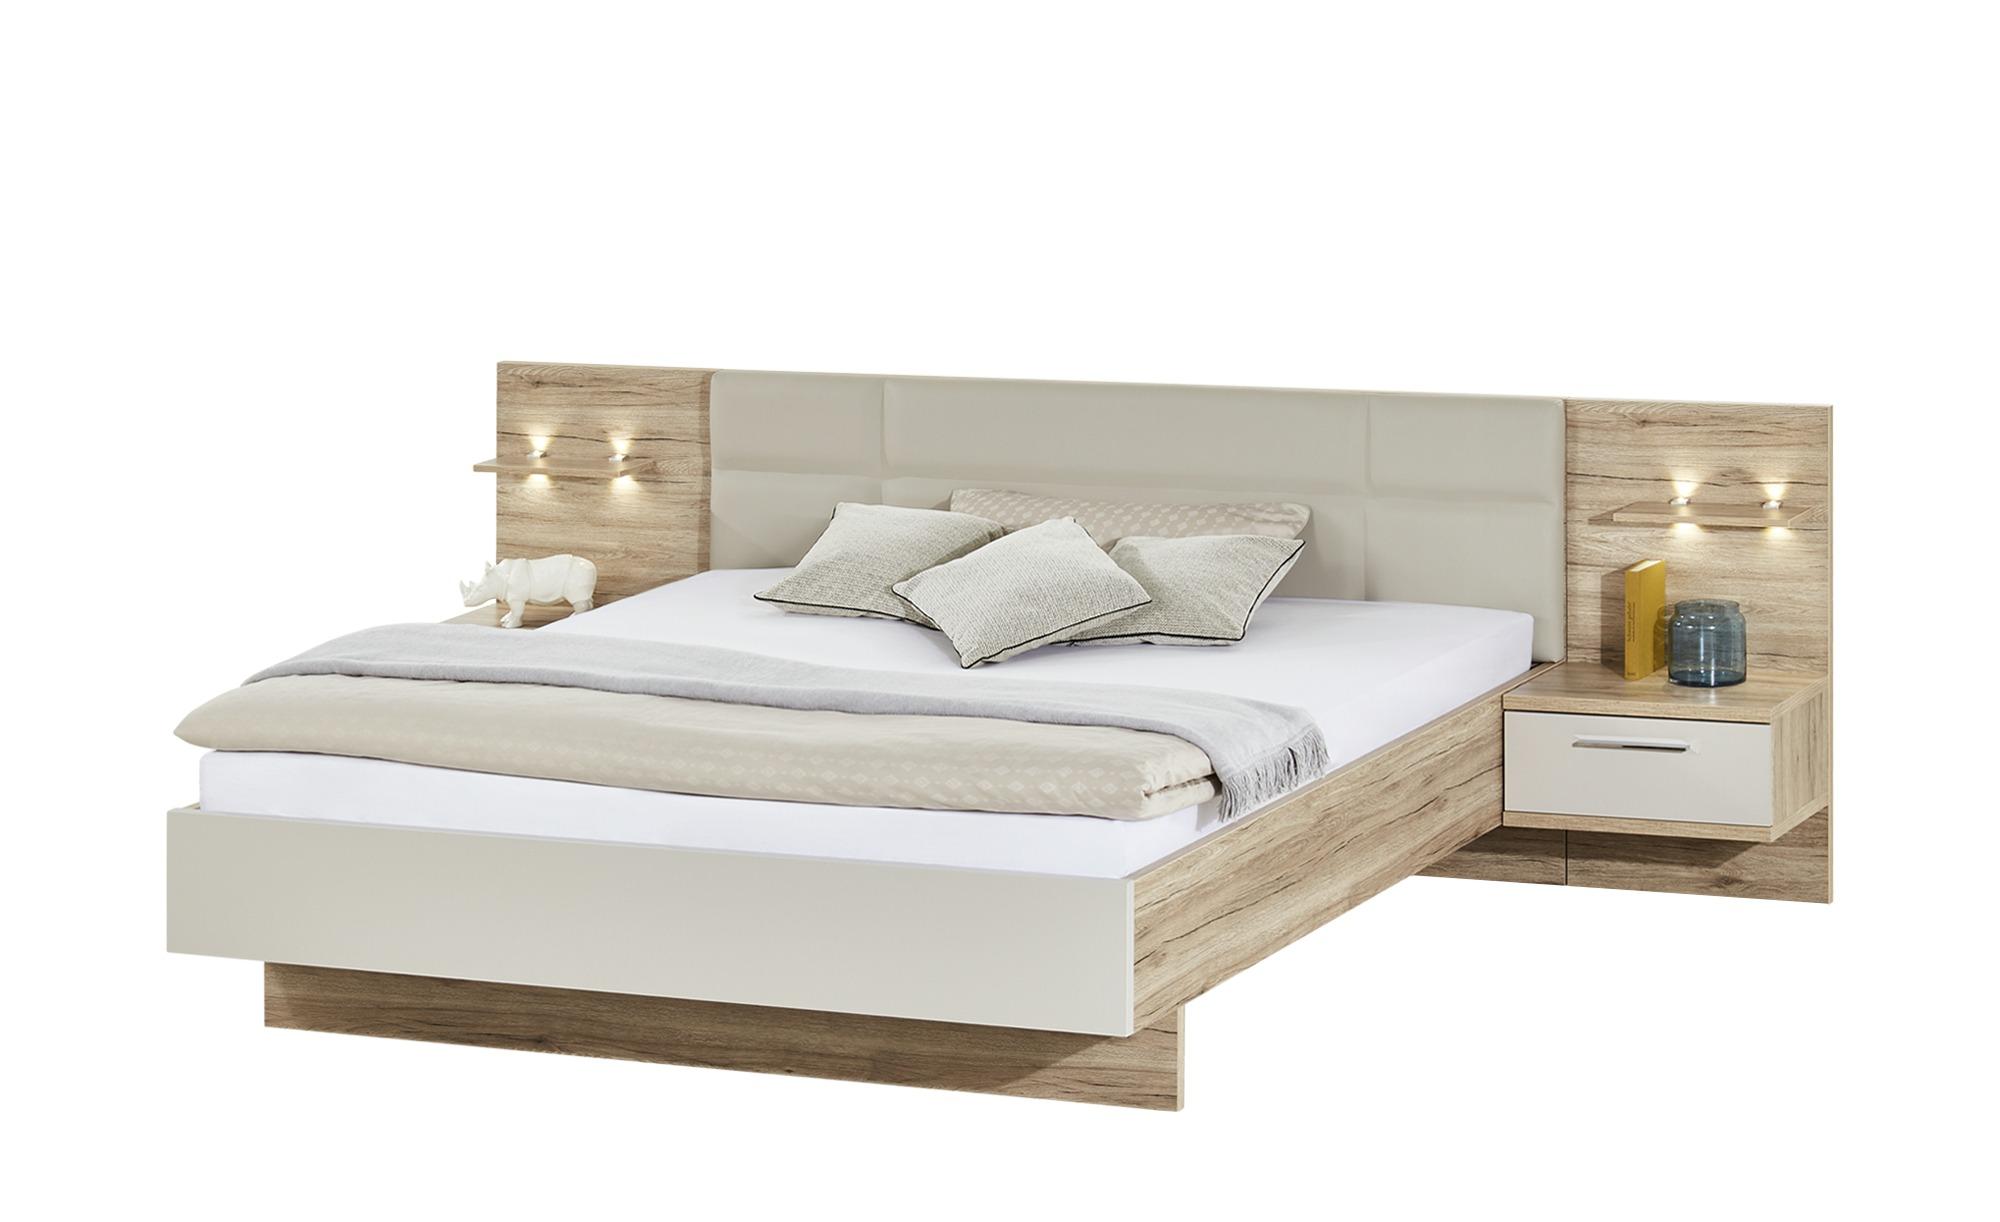 uno Komplett-Schlafzimmer, 4-teilig   Paris ¦ holzfarben ¦ Maße (cm): B: 282 H: 226 T: 60 Komplett-Schlafzimmer - Höffner